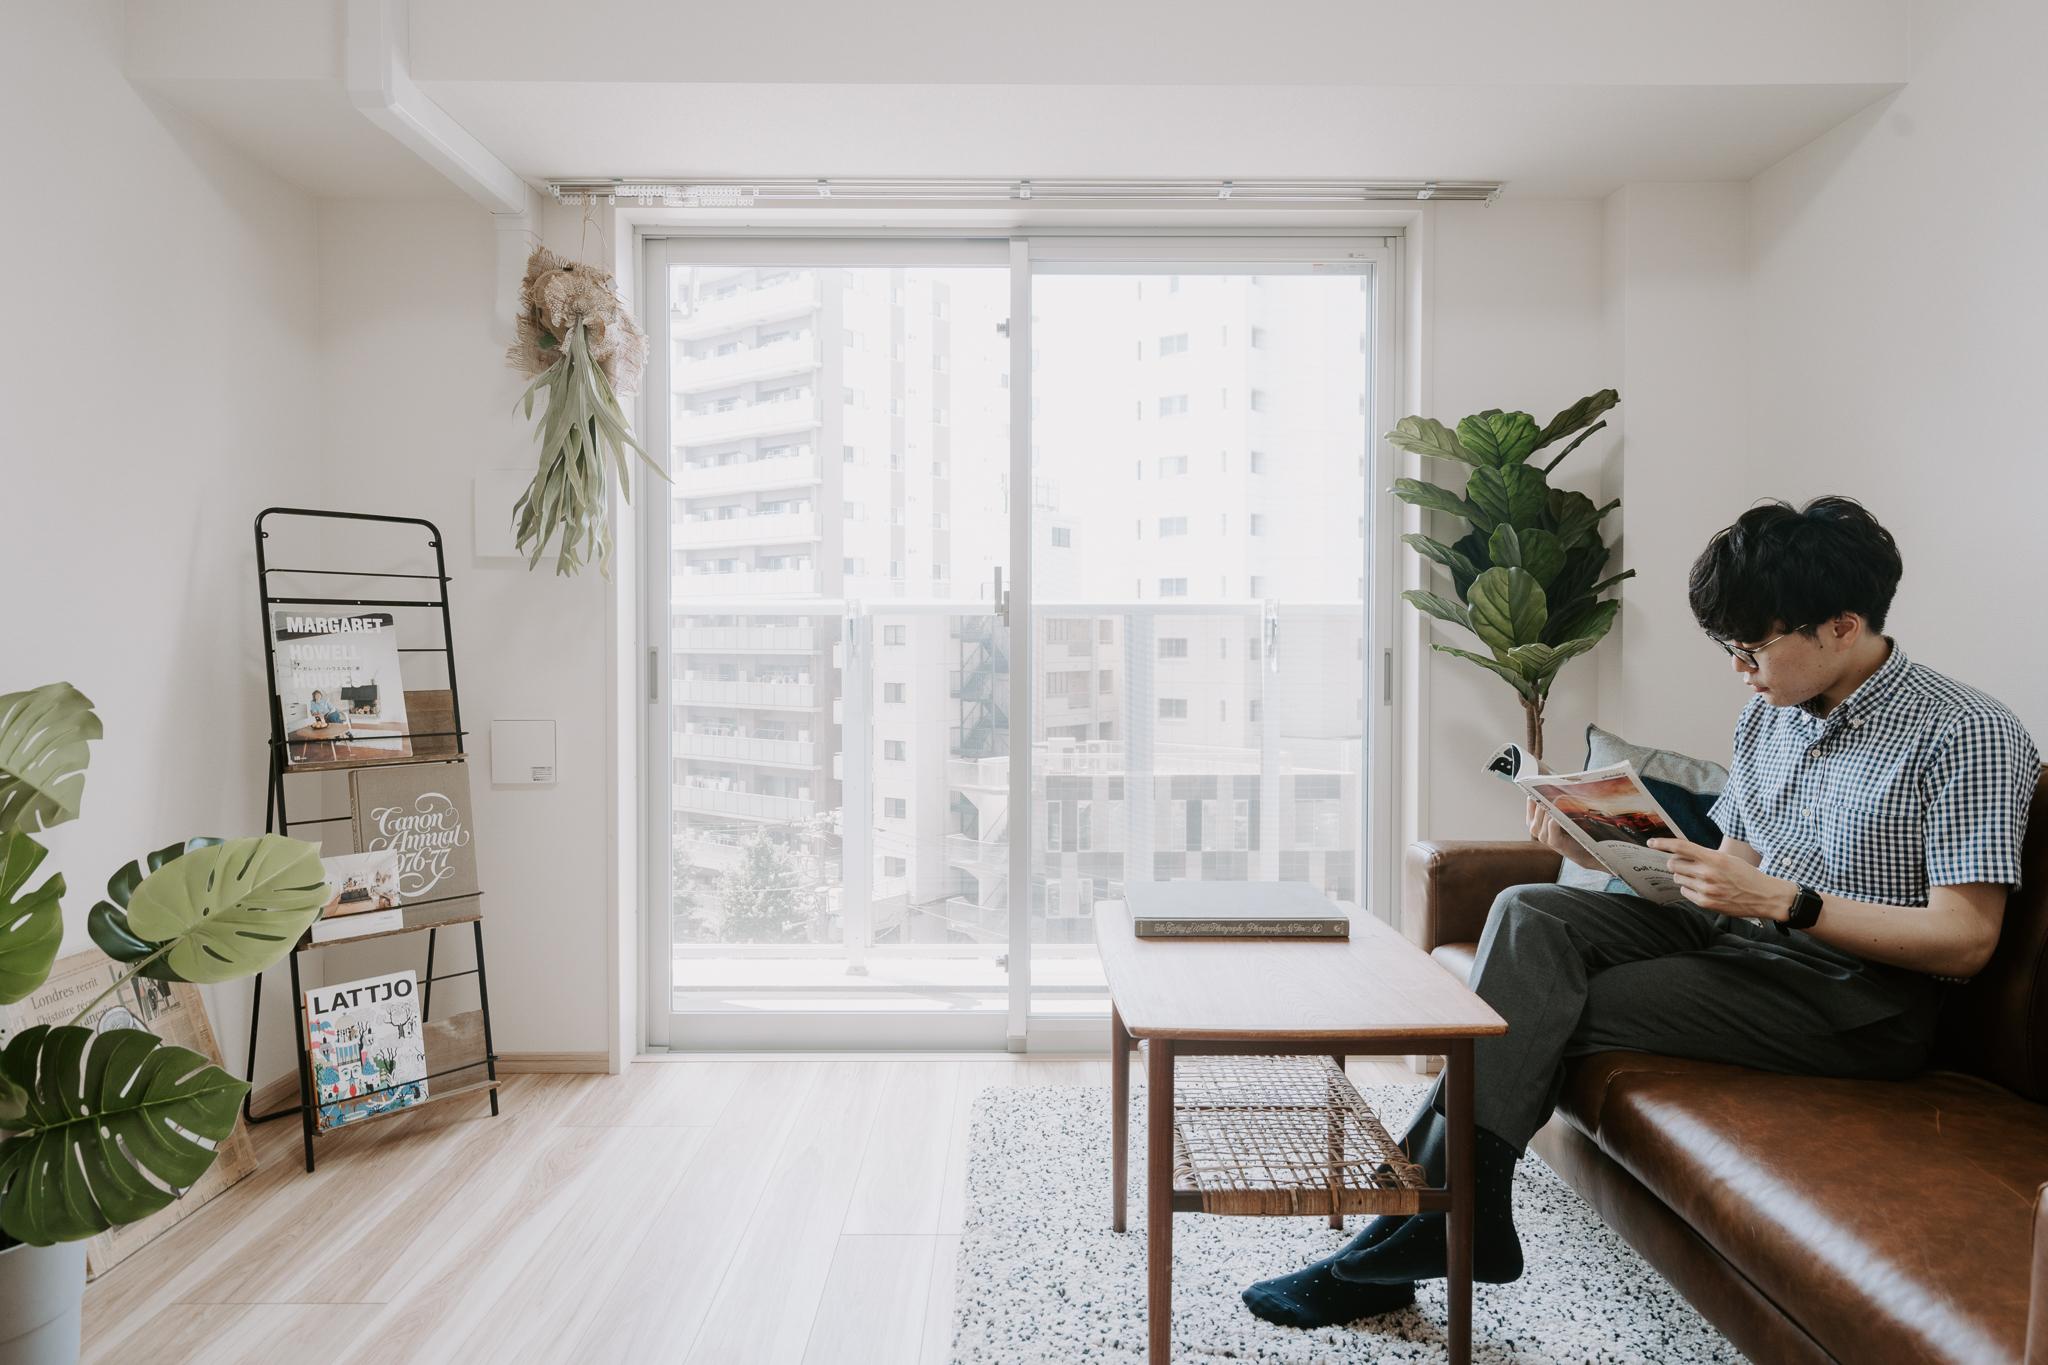 自分が本当に居心地よいと思える、一点モノのソファを見つけてみたい。